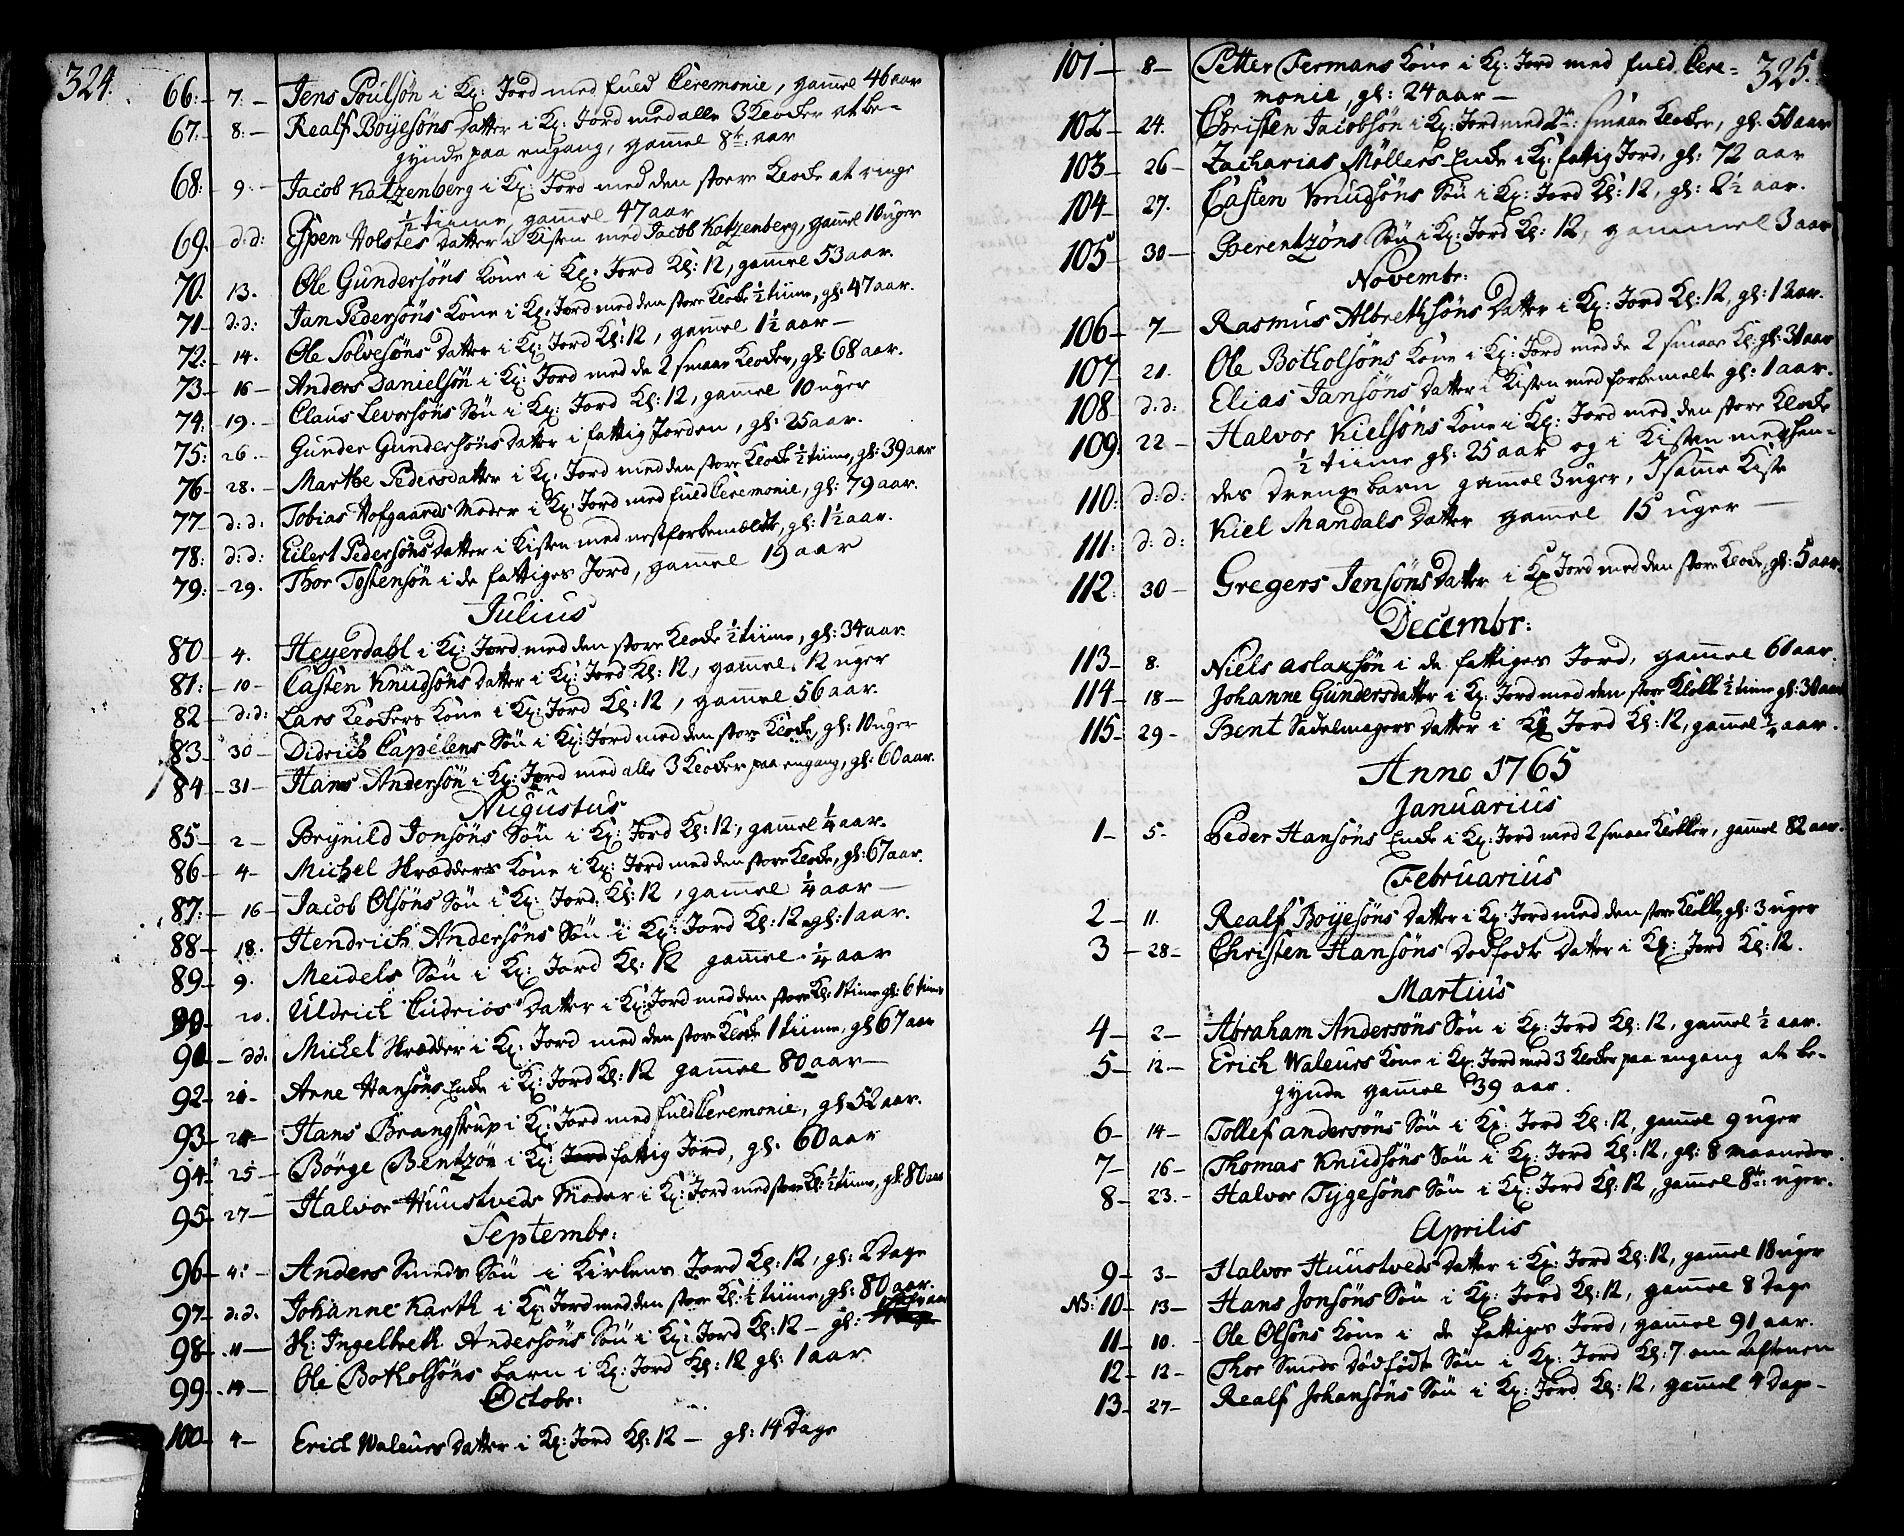 SAKO, Skien kirkebøker, F/Fa/L0003: Ministerialbok nr. 3, 1755-1791, s. 324-325